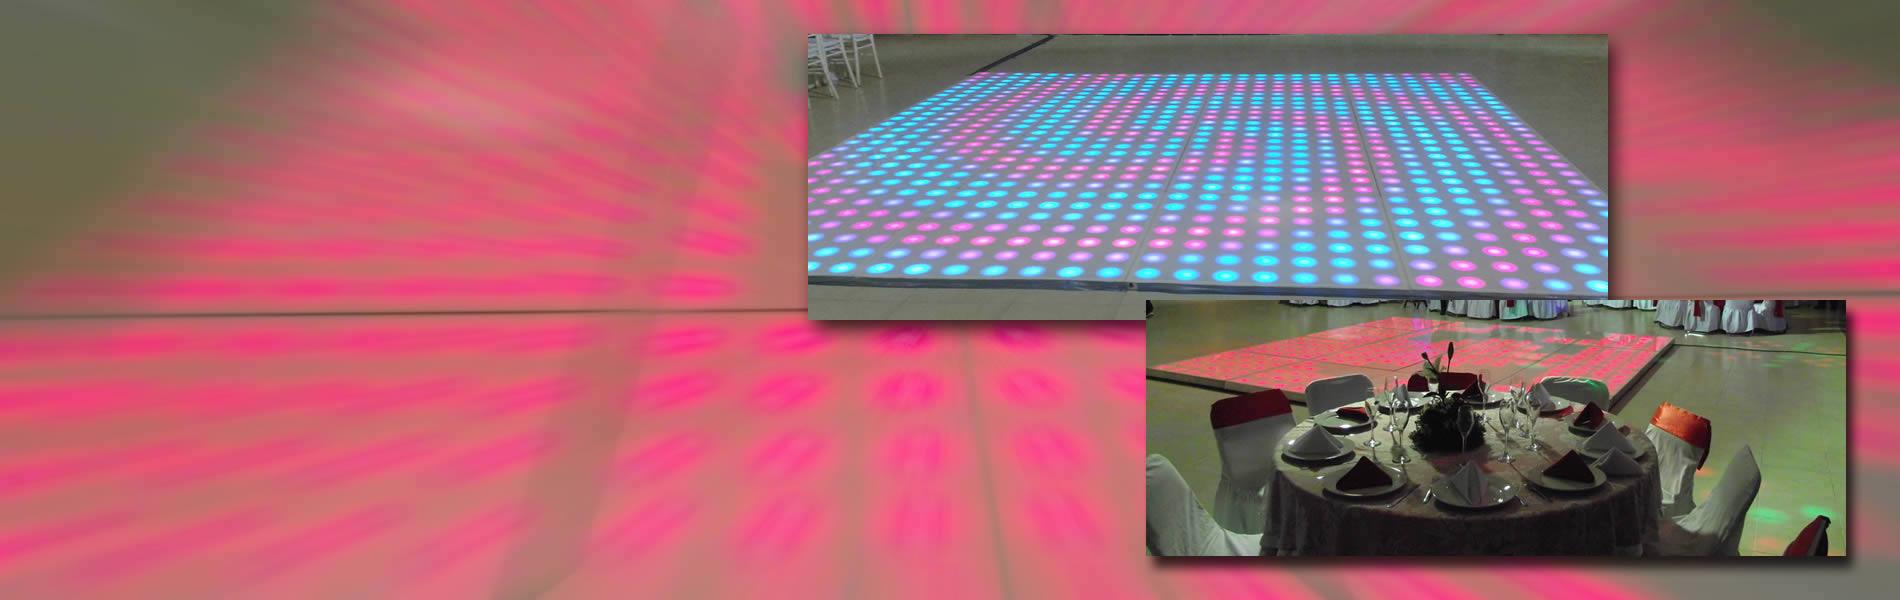 pista de baile - luz y sonido